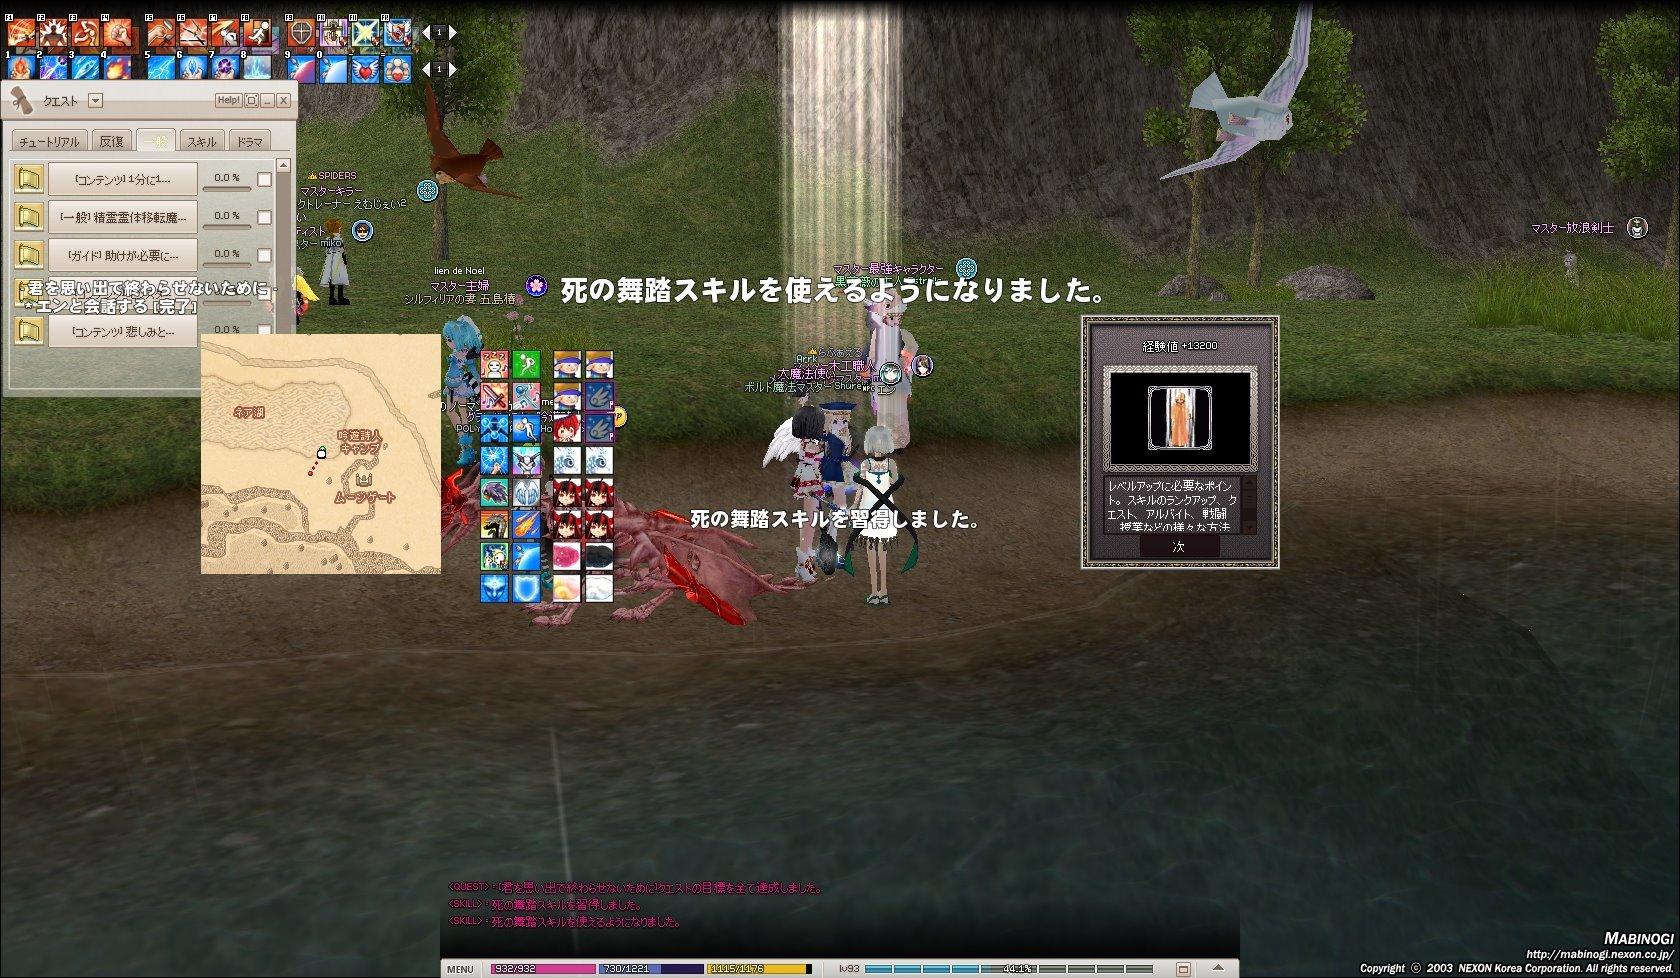 mabinogi_2017_05_17_010.jpg